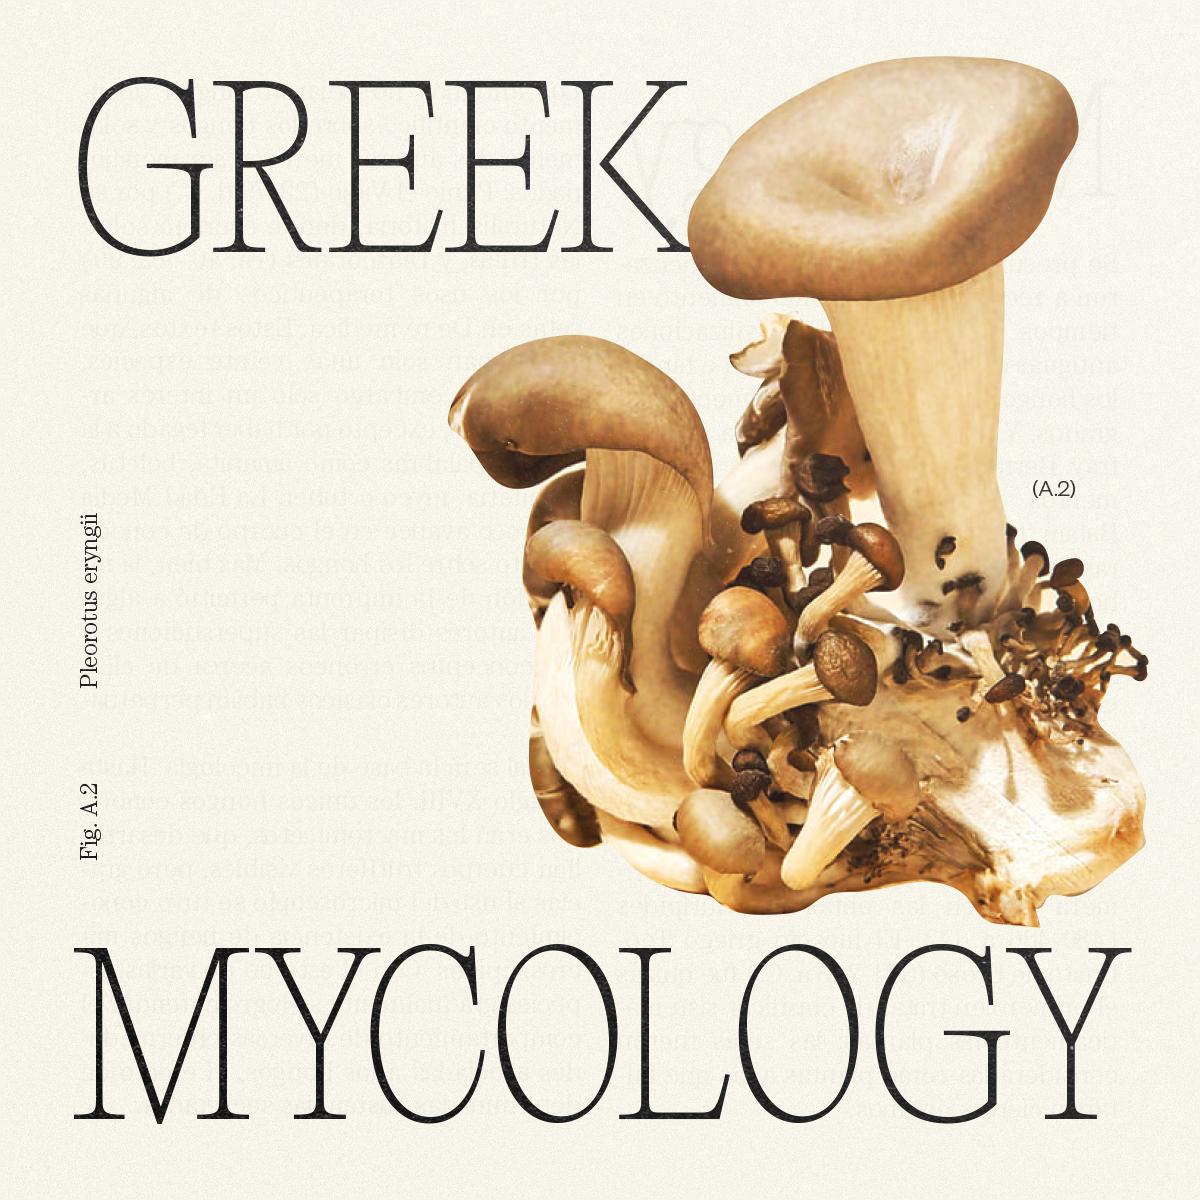 GreekMycology_Idea_MateoBuitrago-02